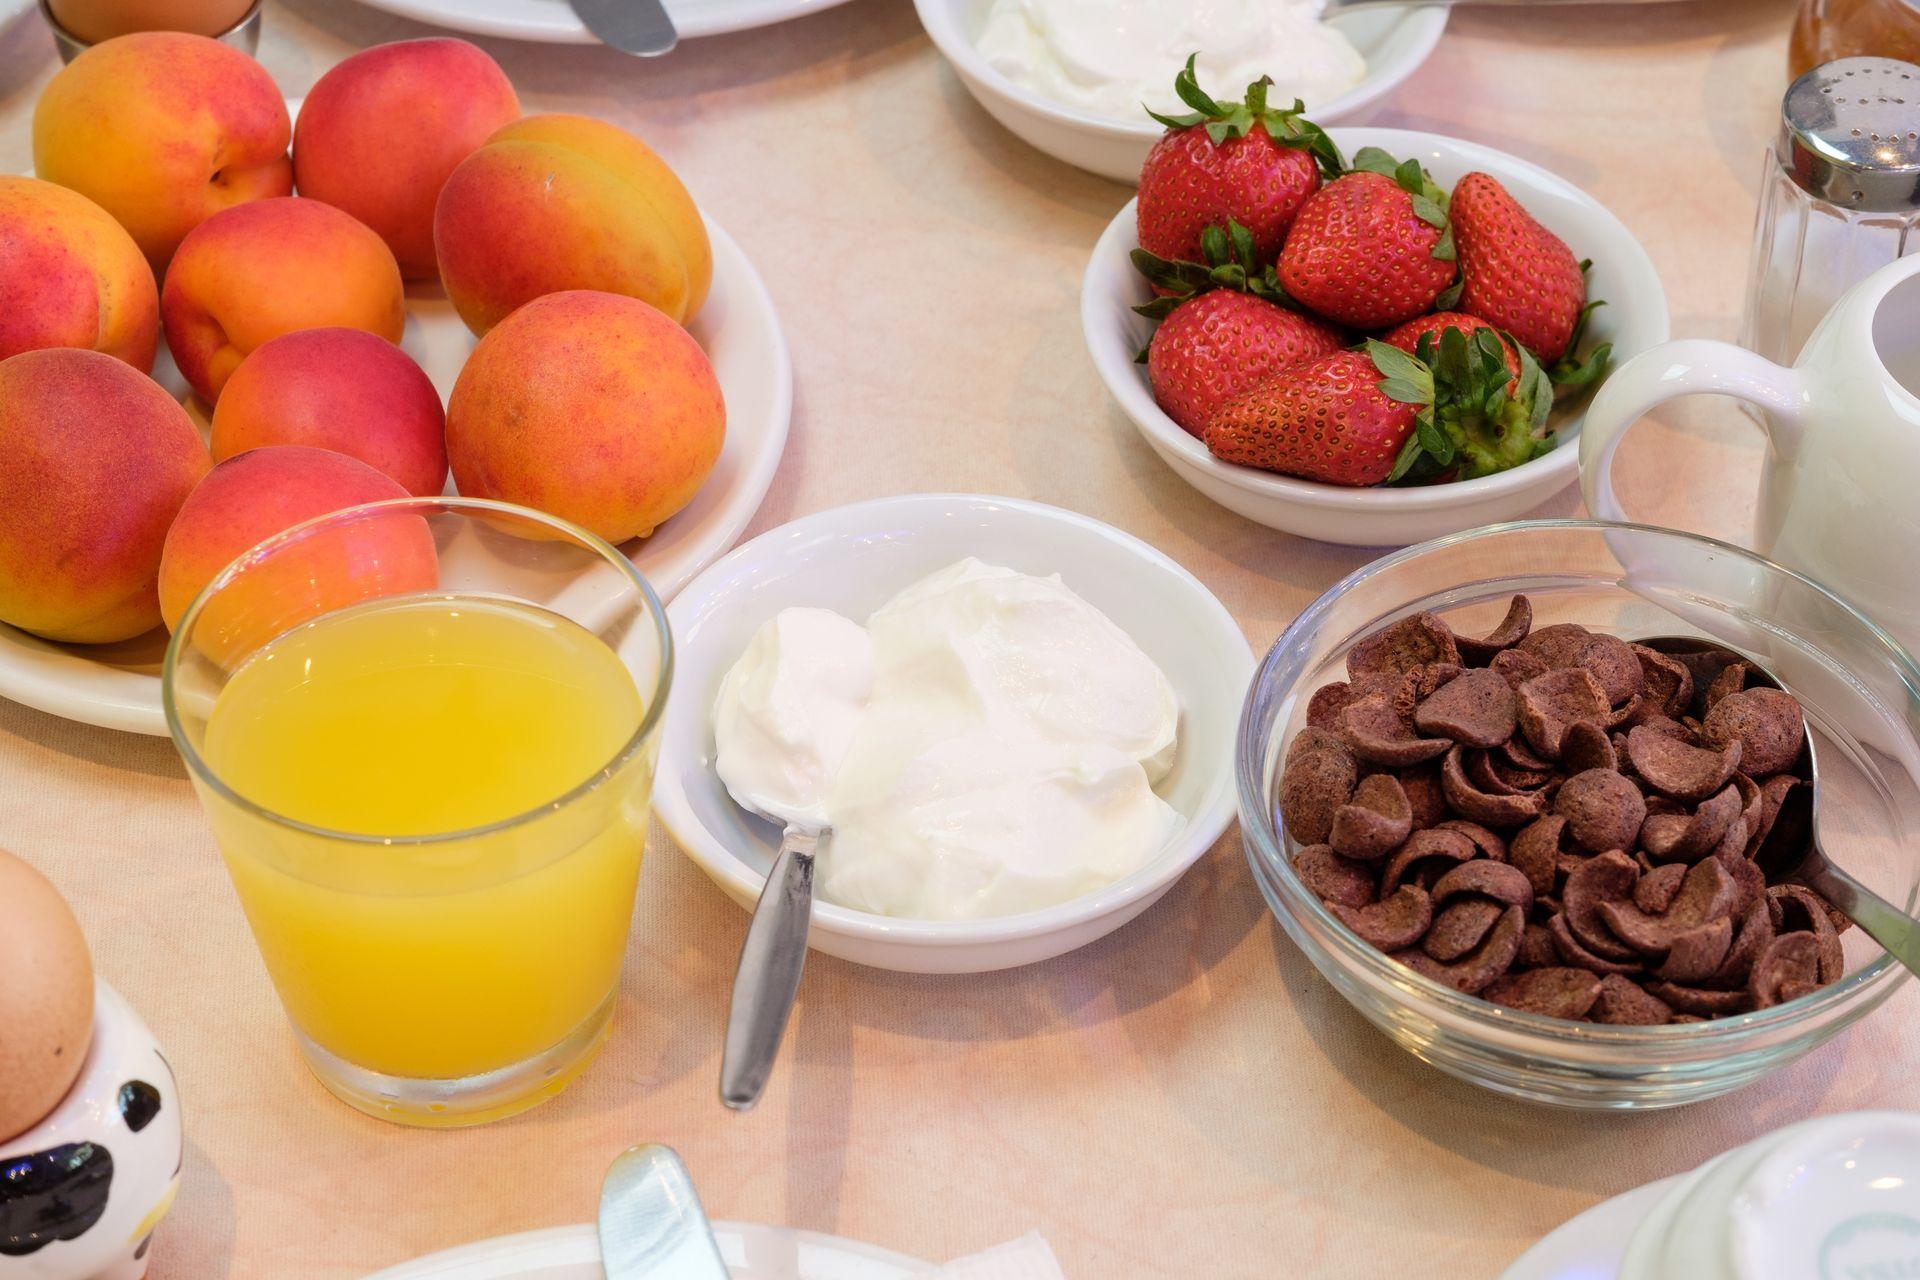 _breakfast 0559_2020_06_hotel segas_resized